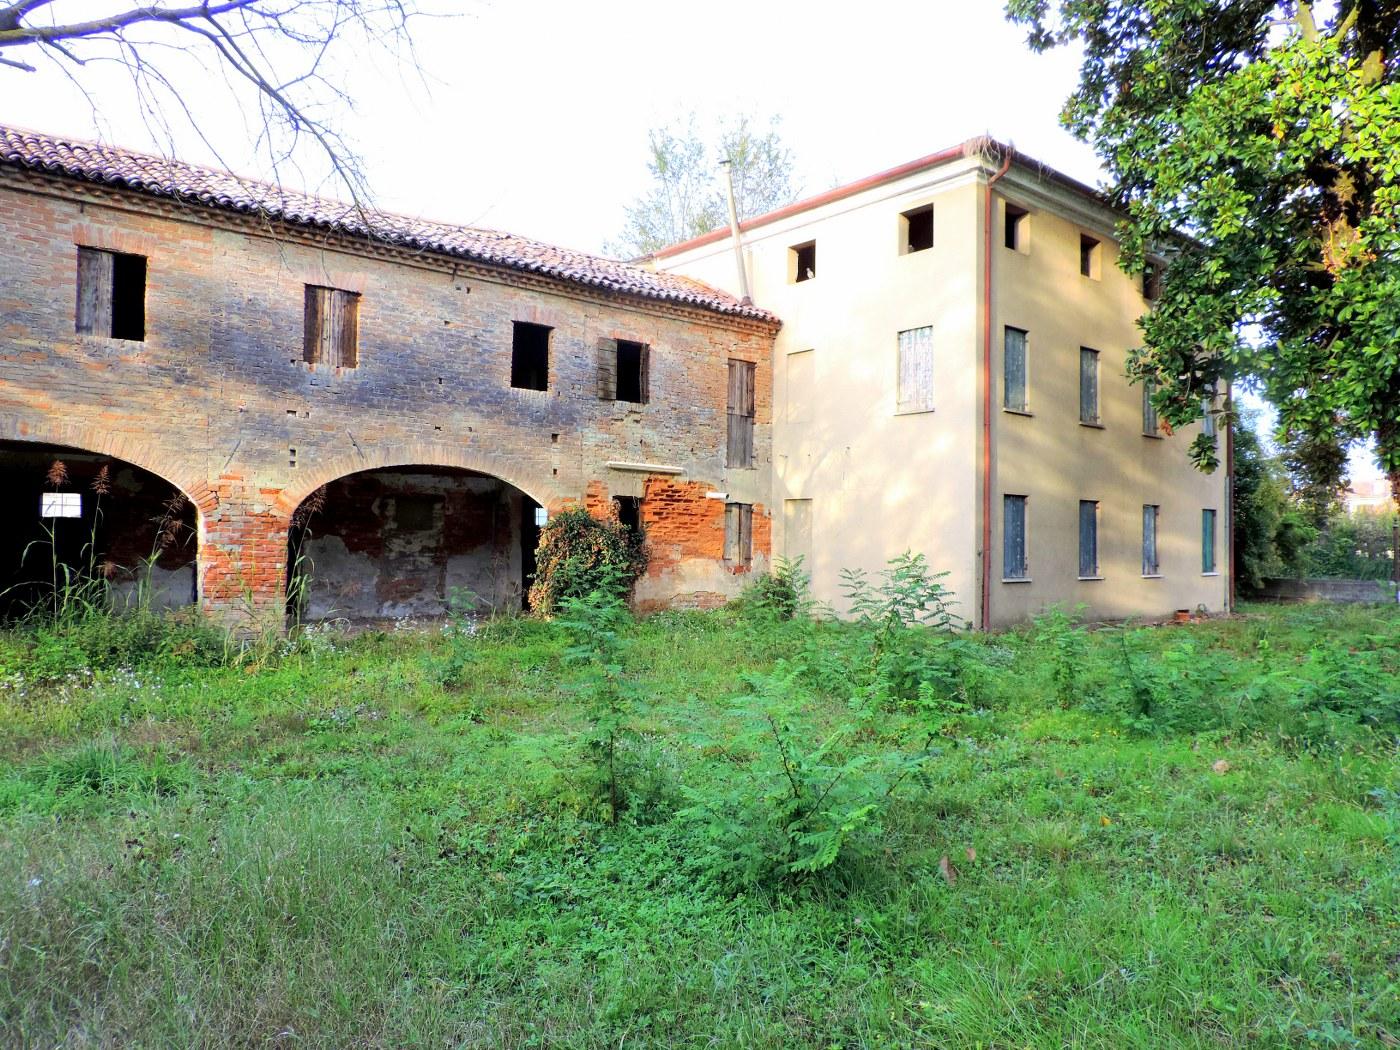 Rustico / Casale in vendita a Campo San Martino, 6 locali, zona Zona: Marsango, prezzo € 199.000 | CambioCasa.it